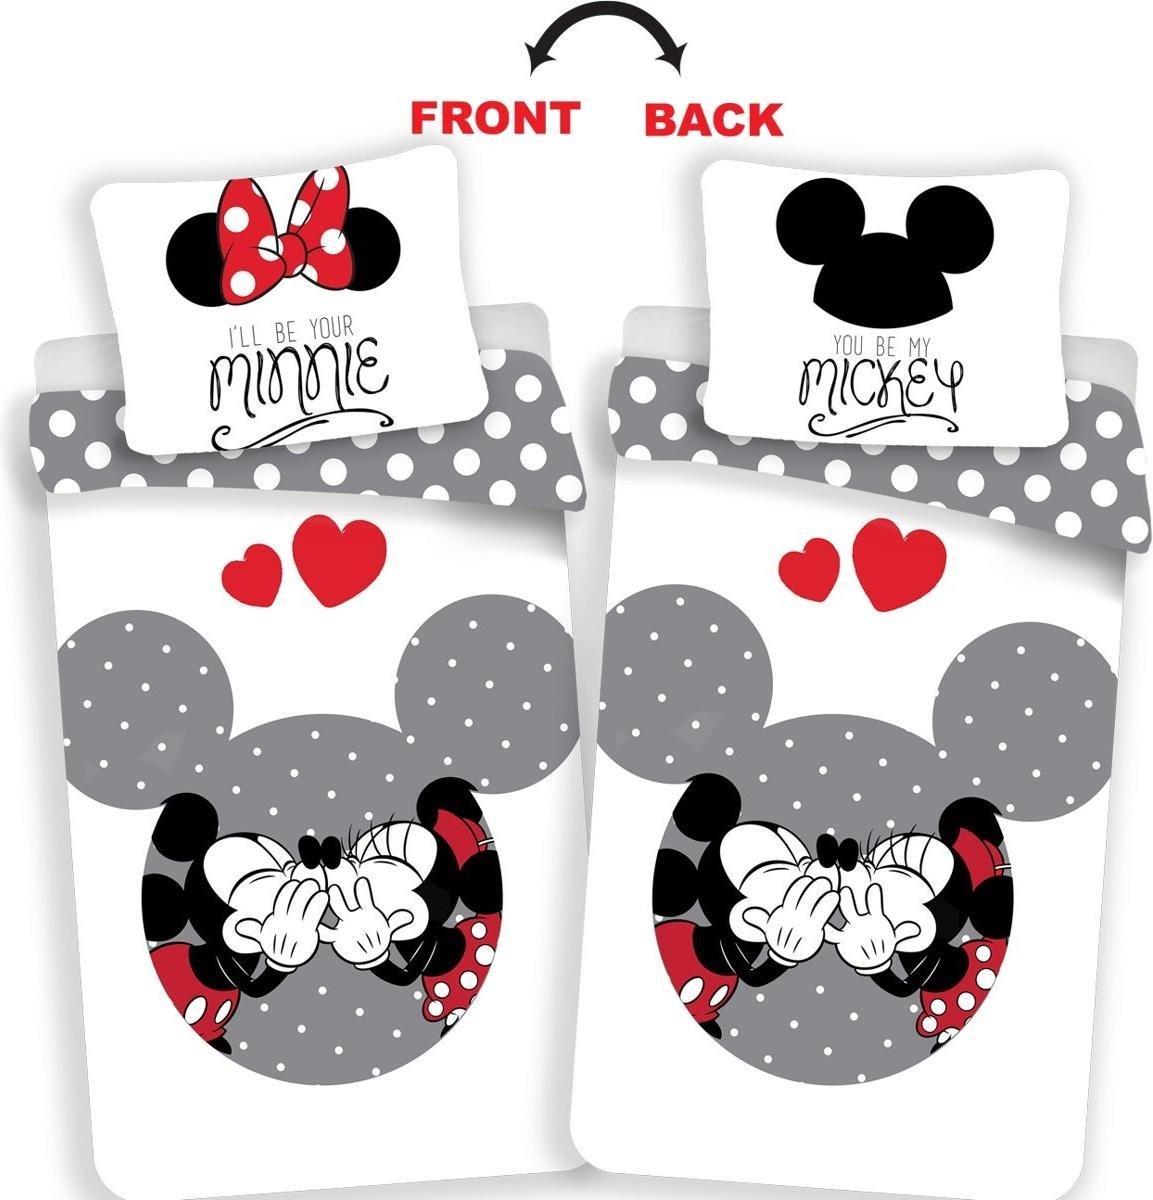 Mickey Dekbedovertrek-Disney Minnie Mouse Your Minnie- Eenpersoons- 140x200 cm - Multi kopen